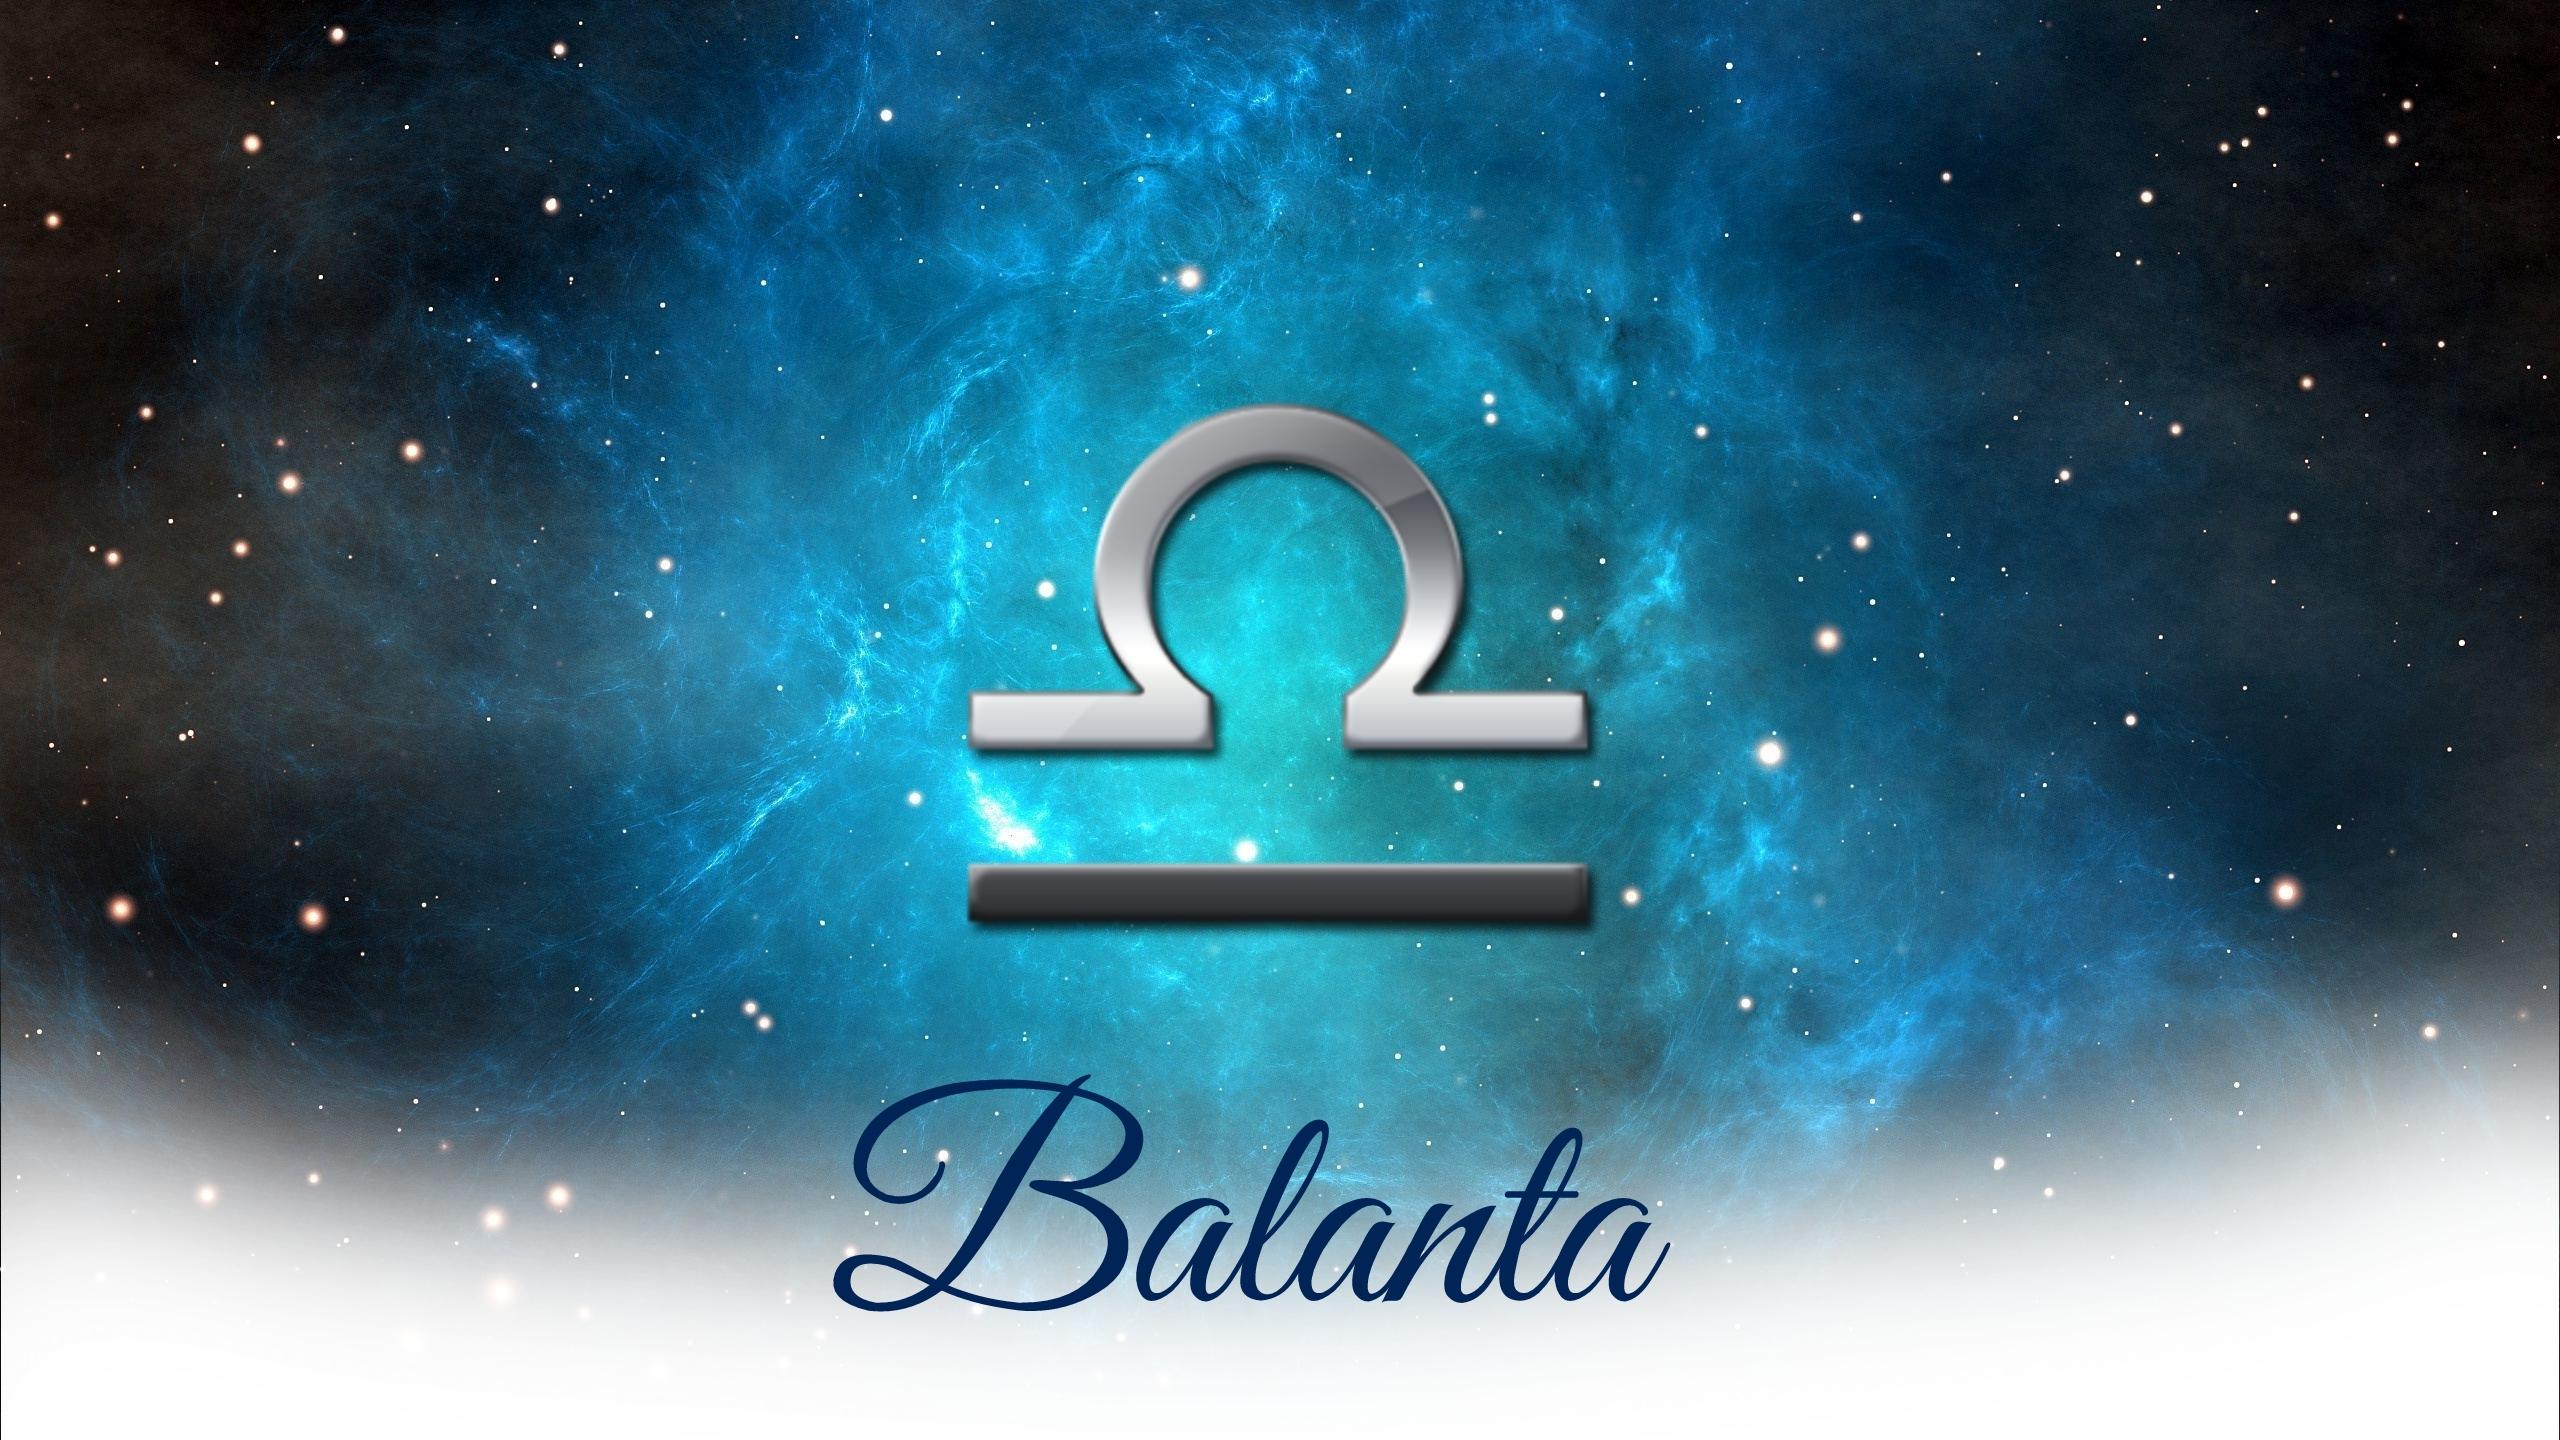 horoscop balanta 13 february